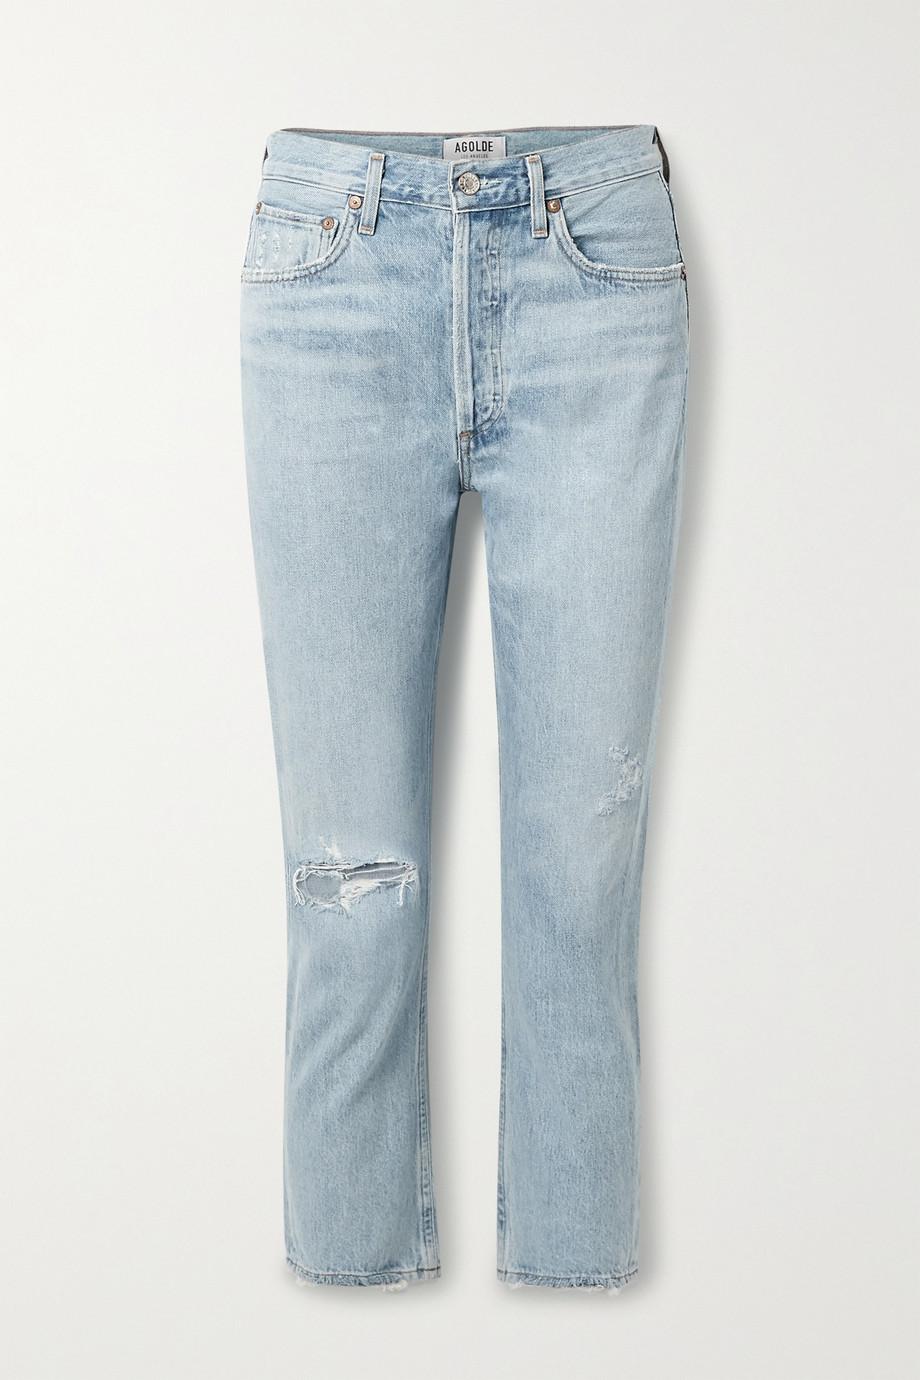 AGOLDE Riley verkürzte, hoch sitzende Jeans mit geradem Bein in Distressed-Optik